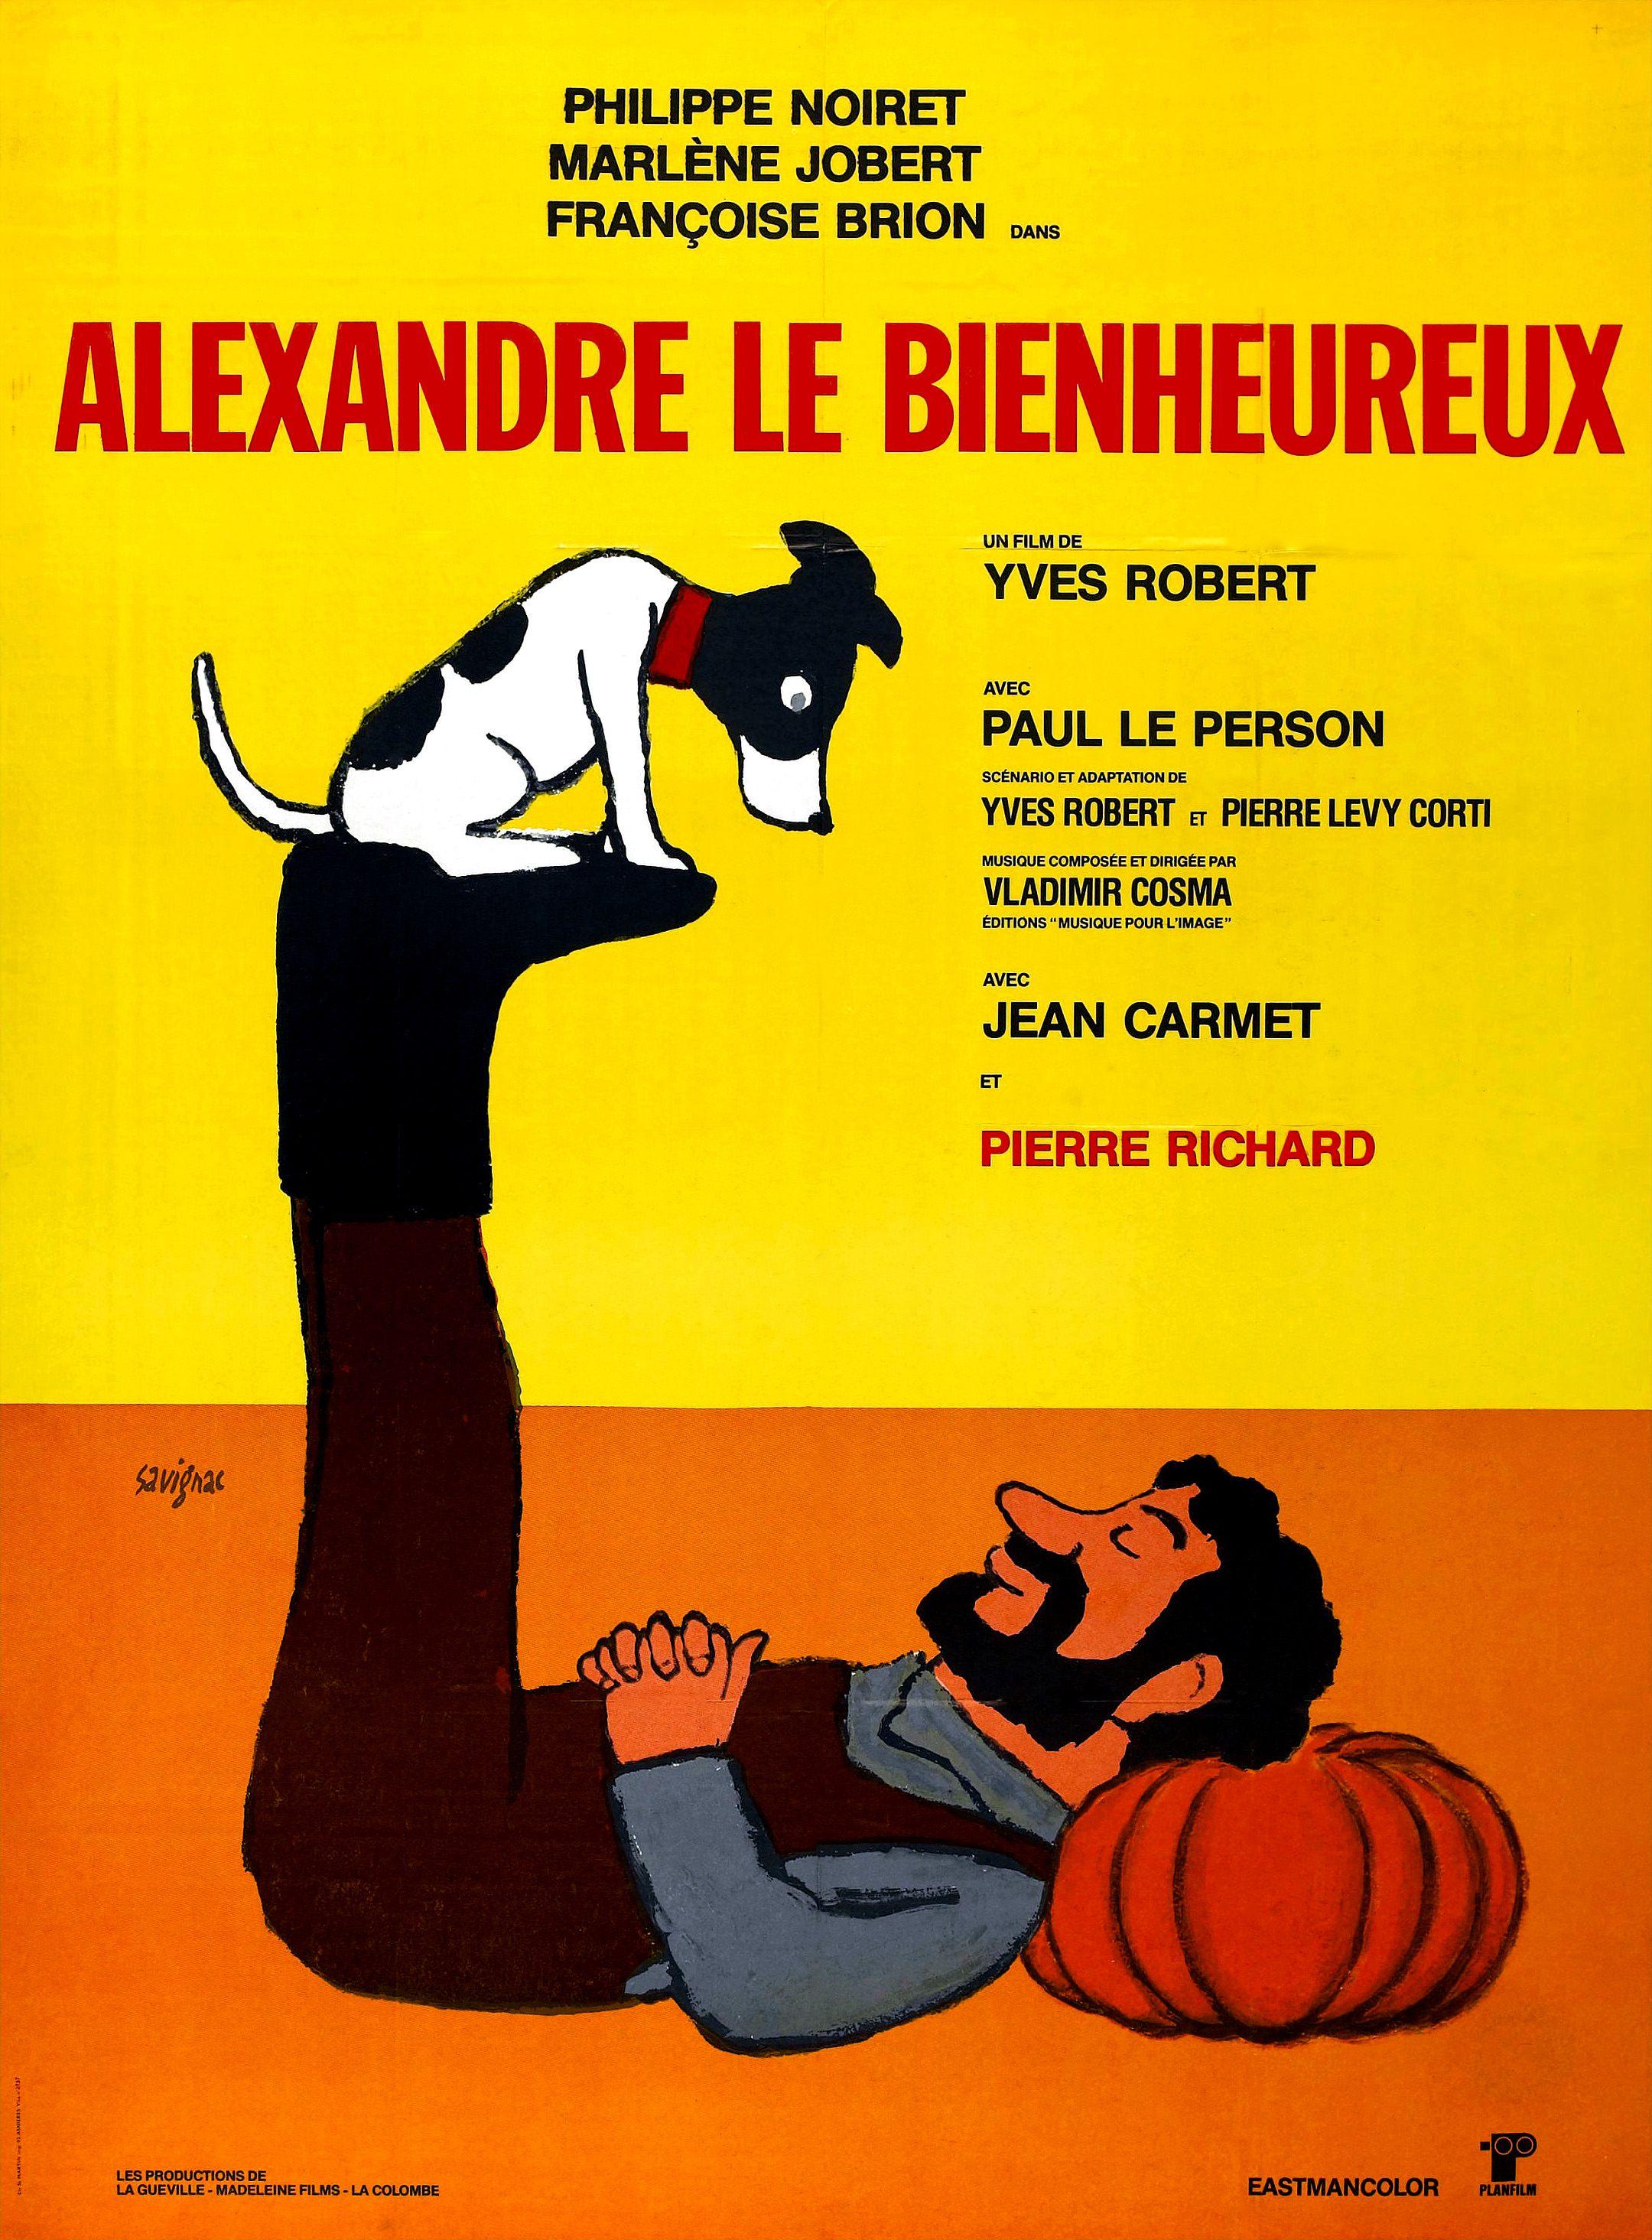 ALEXANDRE LE BIENHEUREUX TÉLÉCHARGER